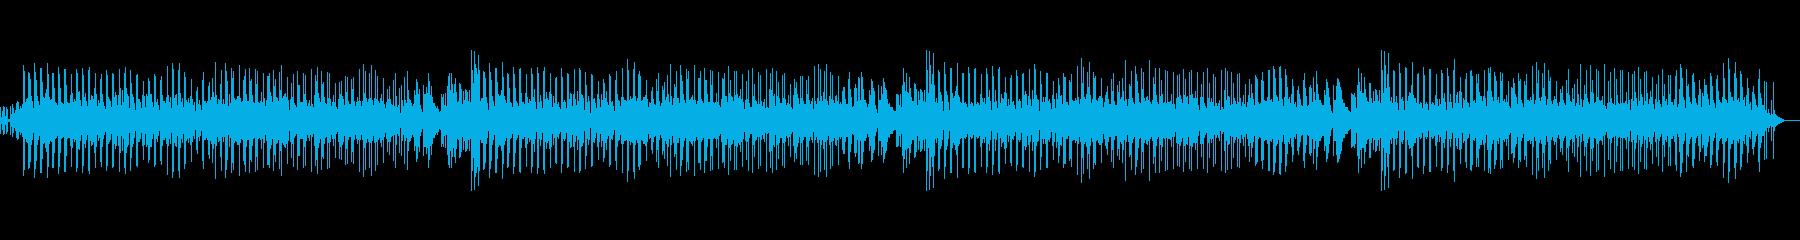 軽やかでゆったりとしたボサノヴァの再生済みの波形